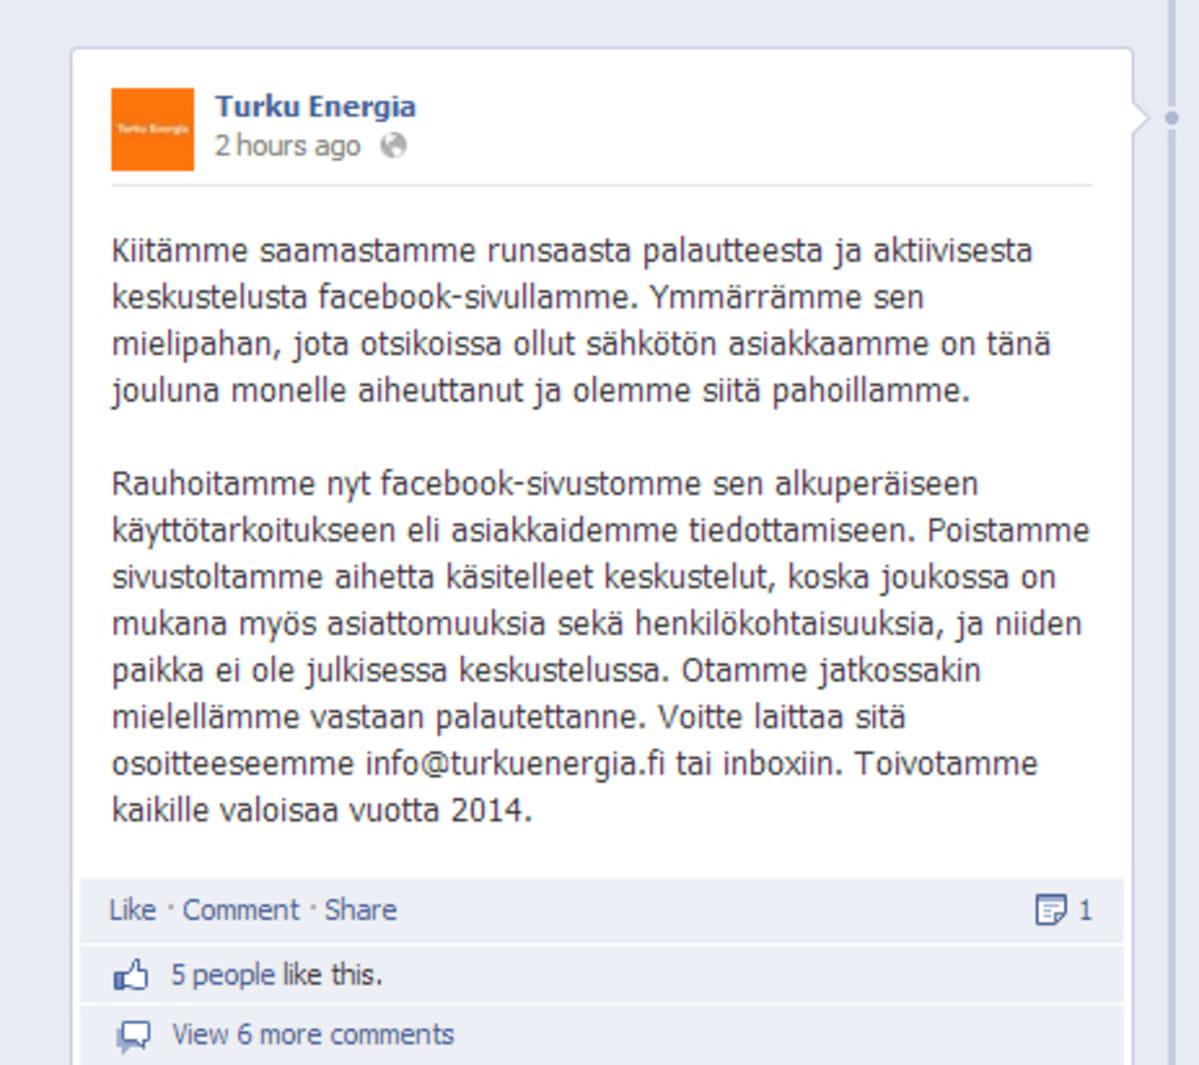 Kuvakaappaus Turku Energian Facebook-sivulta